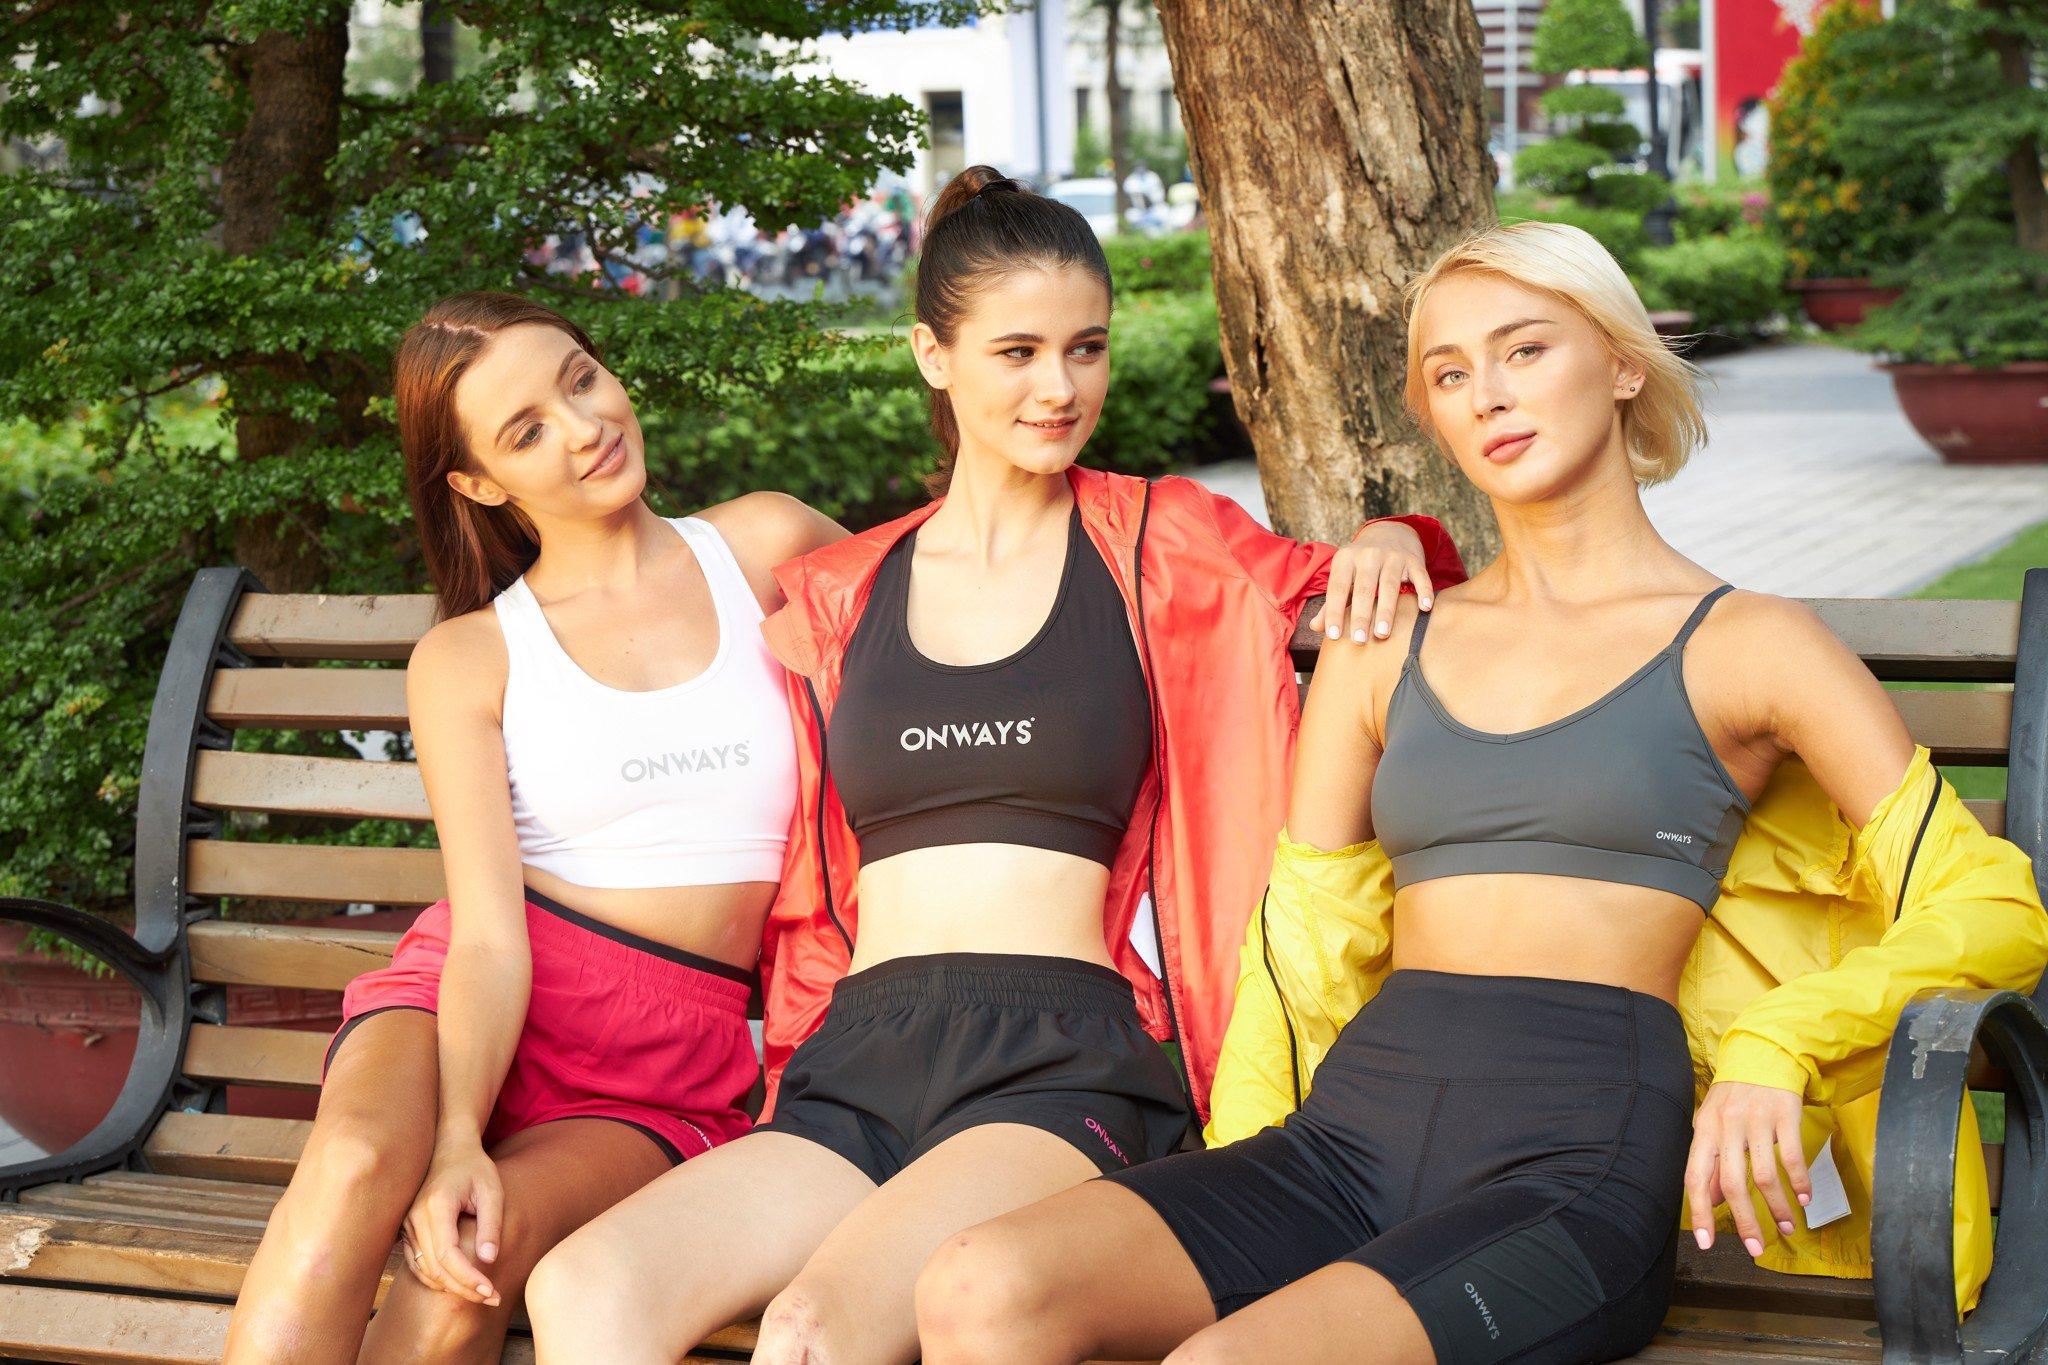 Tại sao bạn nữ nên có một chiếc áo ba lỗ trong tủ đồ của mình? 5 mẫu áo ba lỗ nữ được ưa chuộng nhất hiện nay